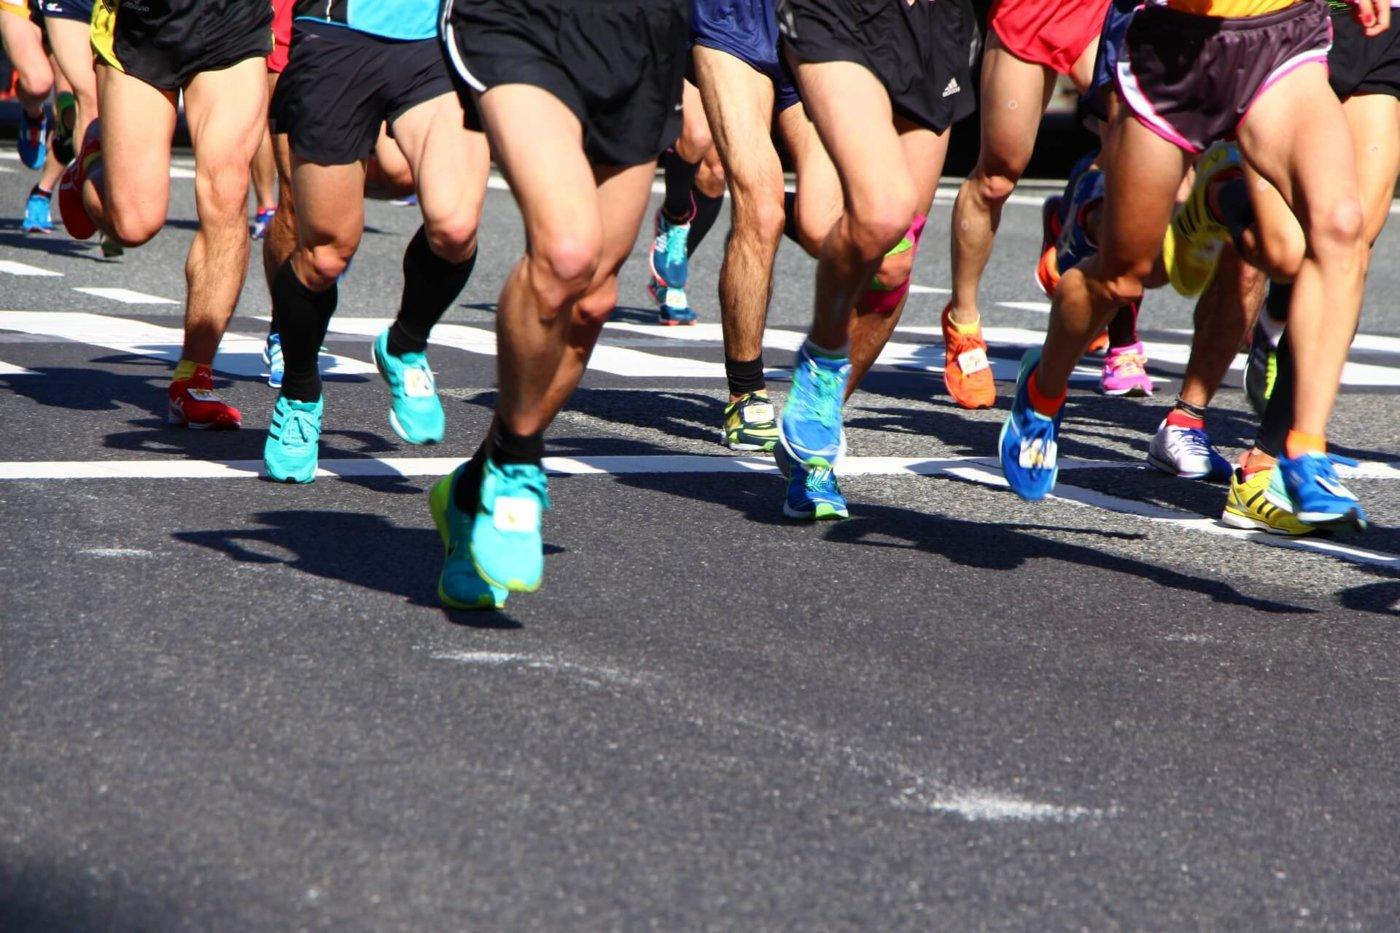 マラソンはどのような服装で走れば良い?